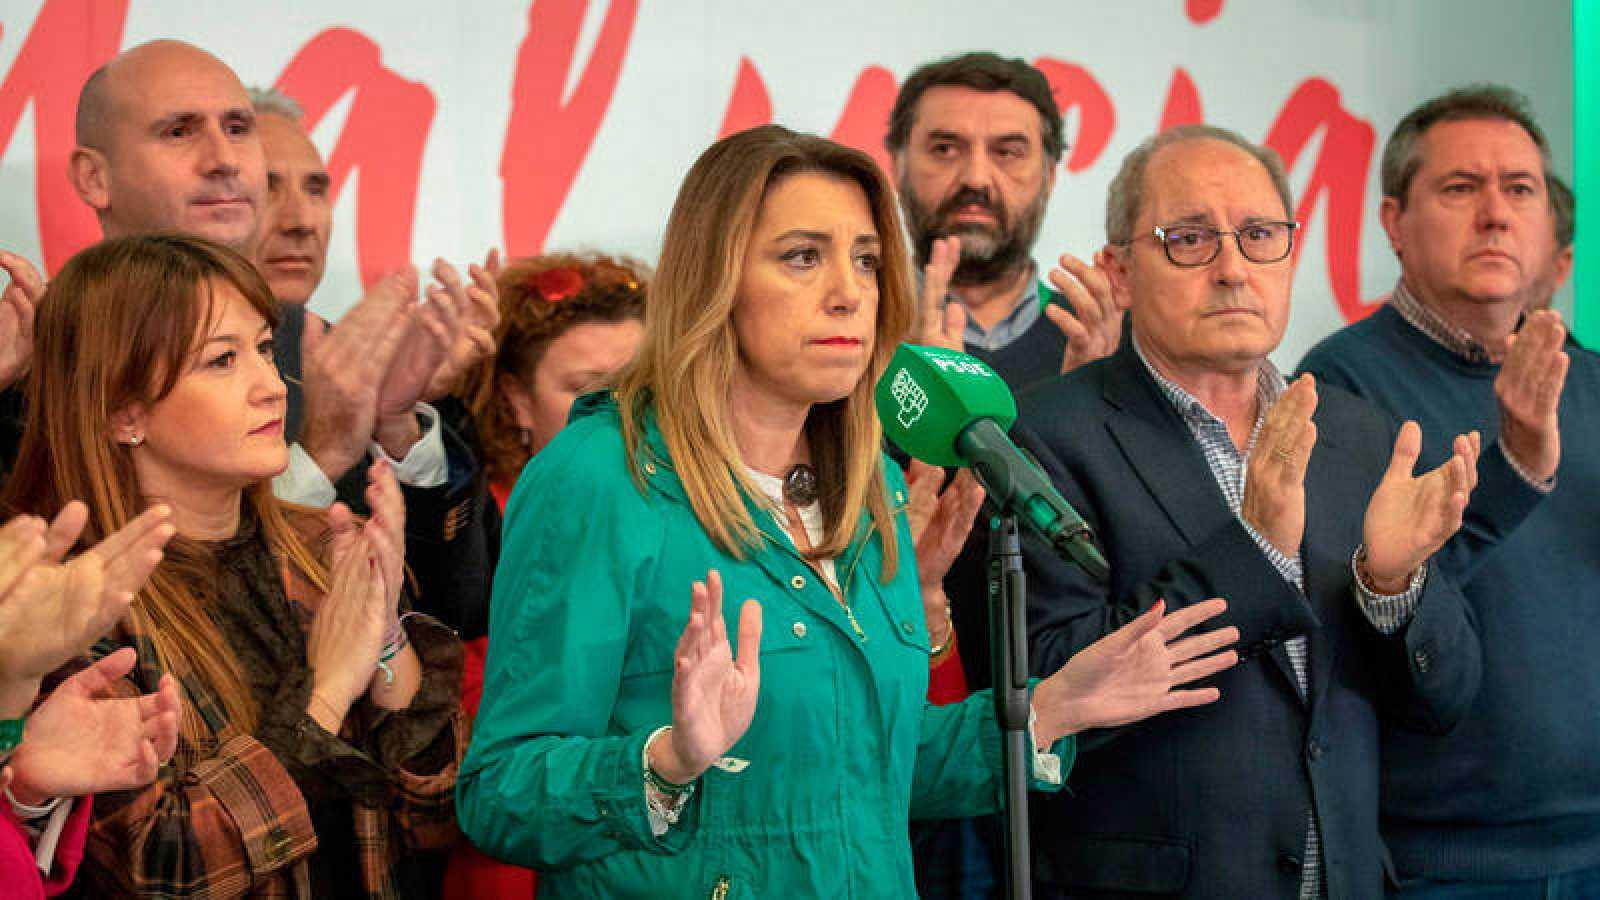 Os dejo mi opinión sobre lo que ha sucedido en Andalucía. Un fuerte abrazo a todos. ?w=1600&i=1543796284486